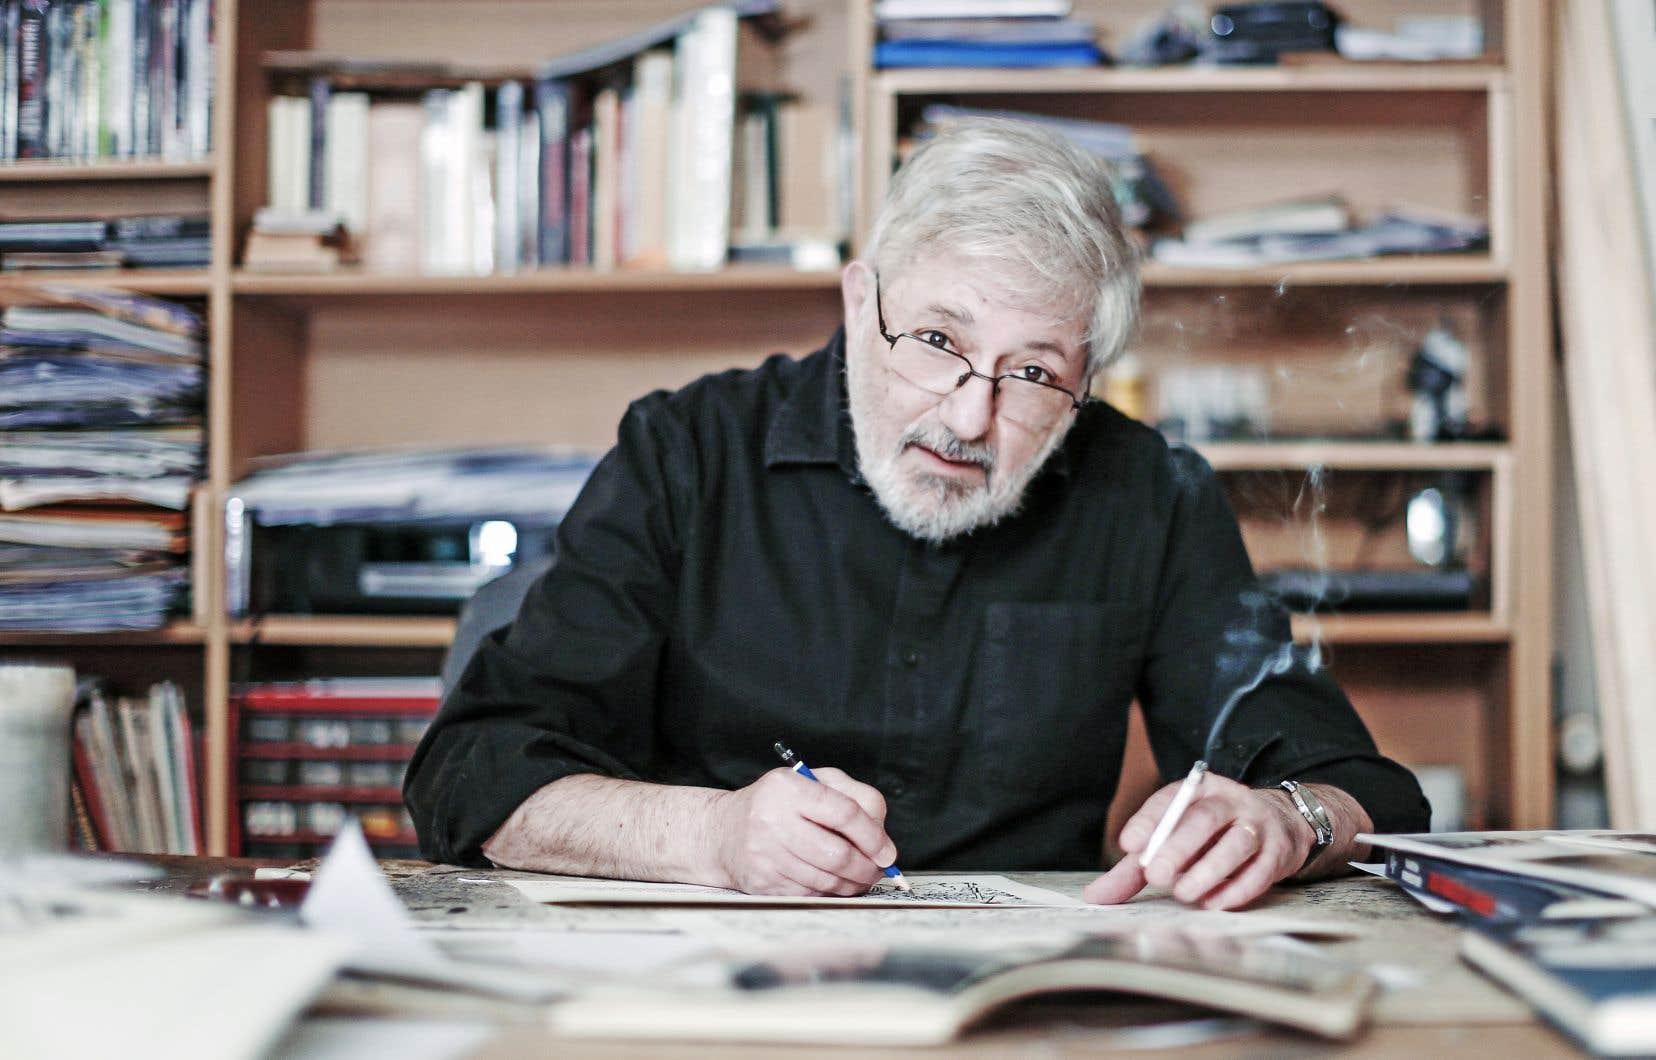 Jacques Tardi, artisan vétéran de la bédé, célébré notamment pour les aventures d'Adèle Blanc-Sec